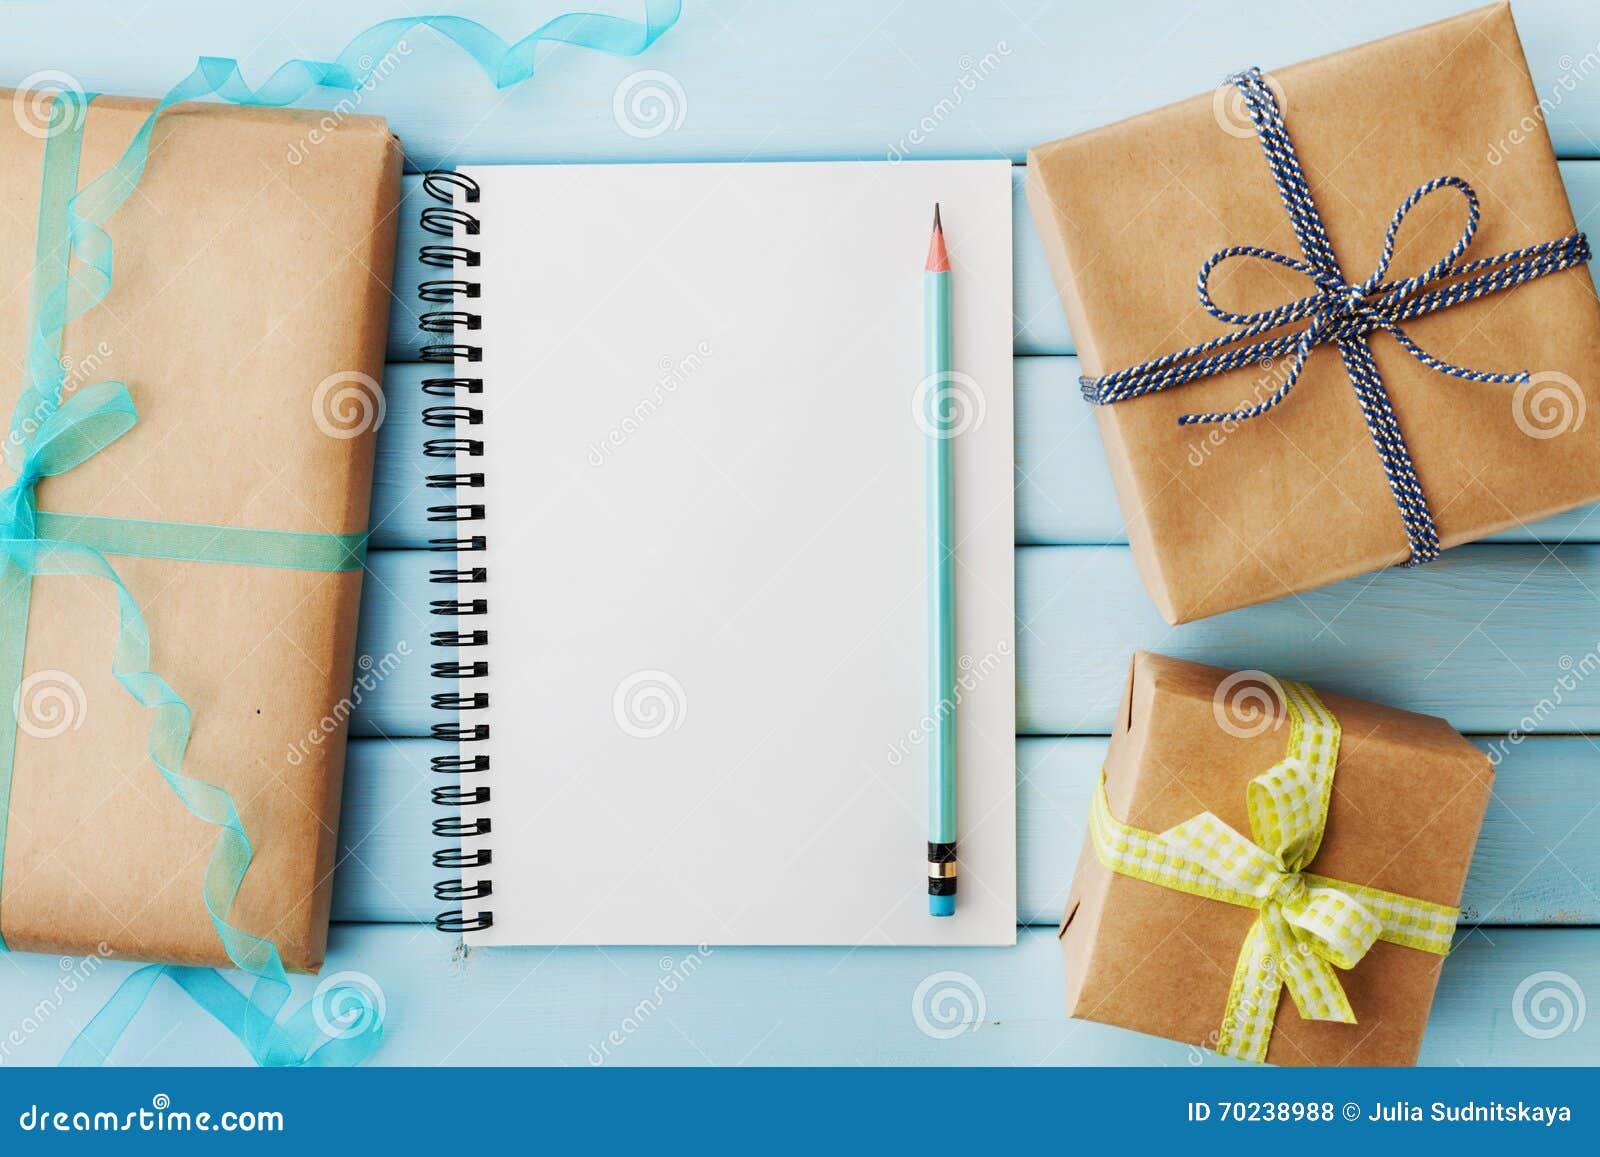 Leeg notitieboekje, potlood en gift of huidig die vakje in kraftpapier-document op blauwe houten lijst wordt ingepakt